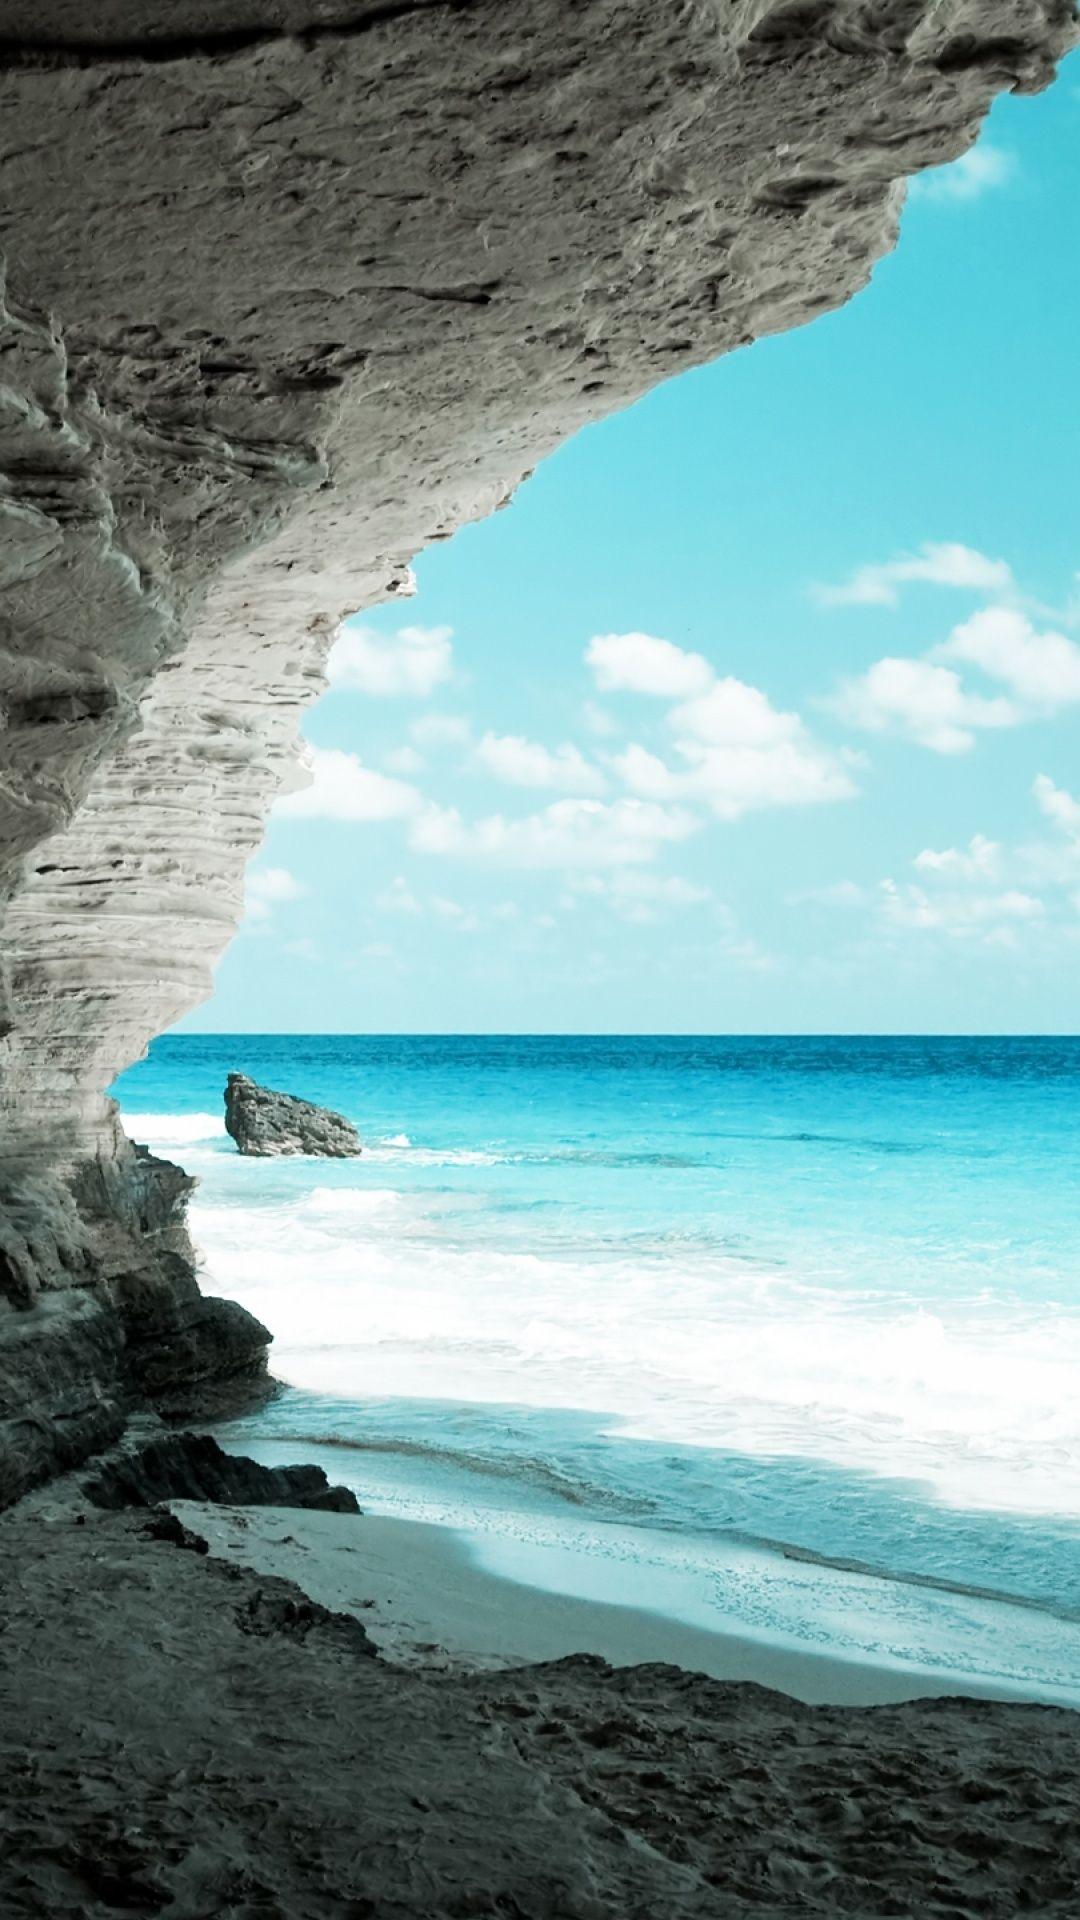 Wallpaper iphone sea - Splunkering Scrapbooking Ocean Wallpaperwater Picsiphone